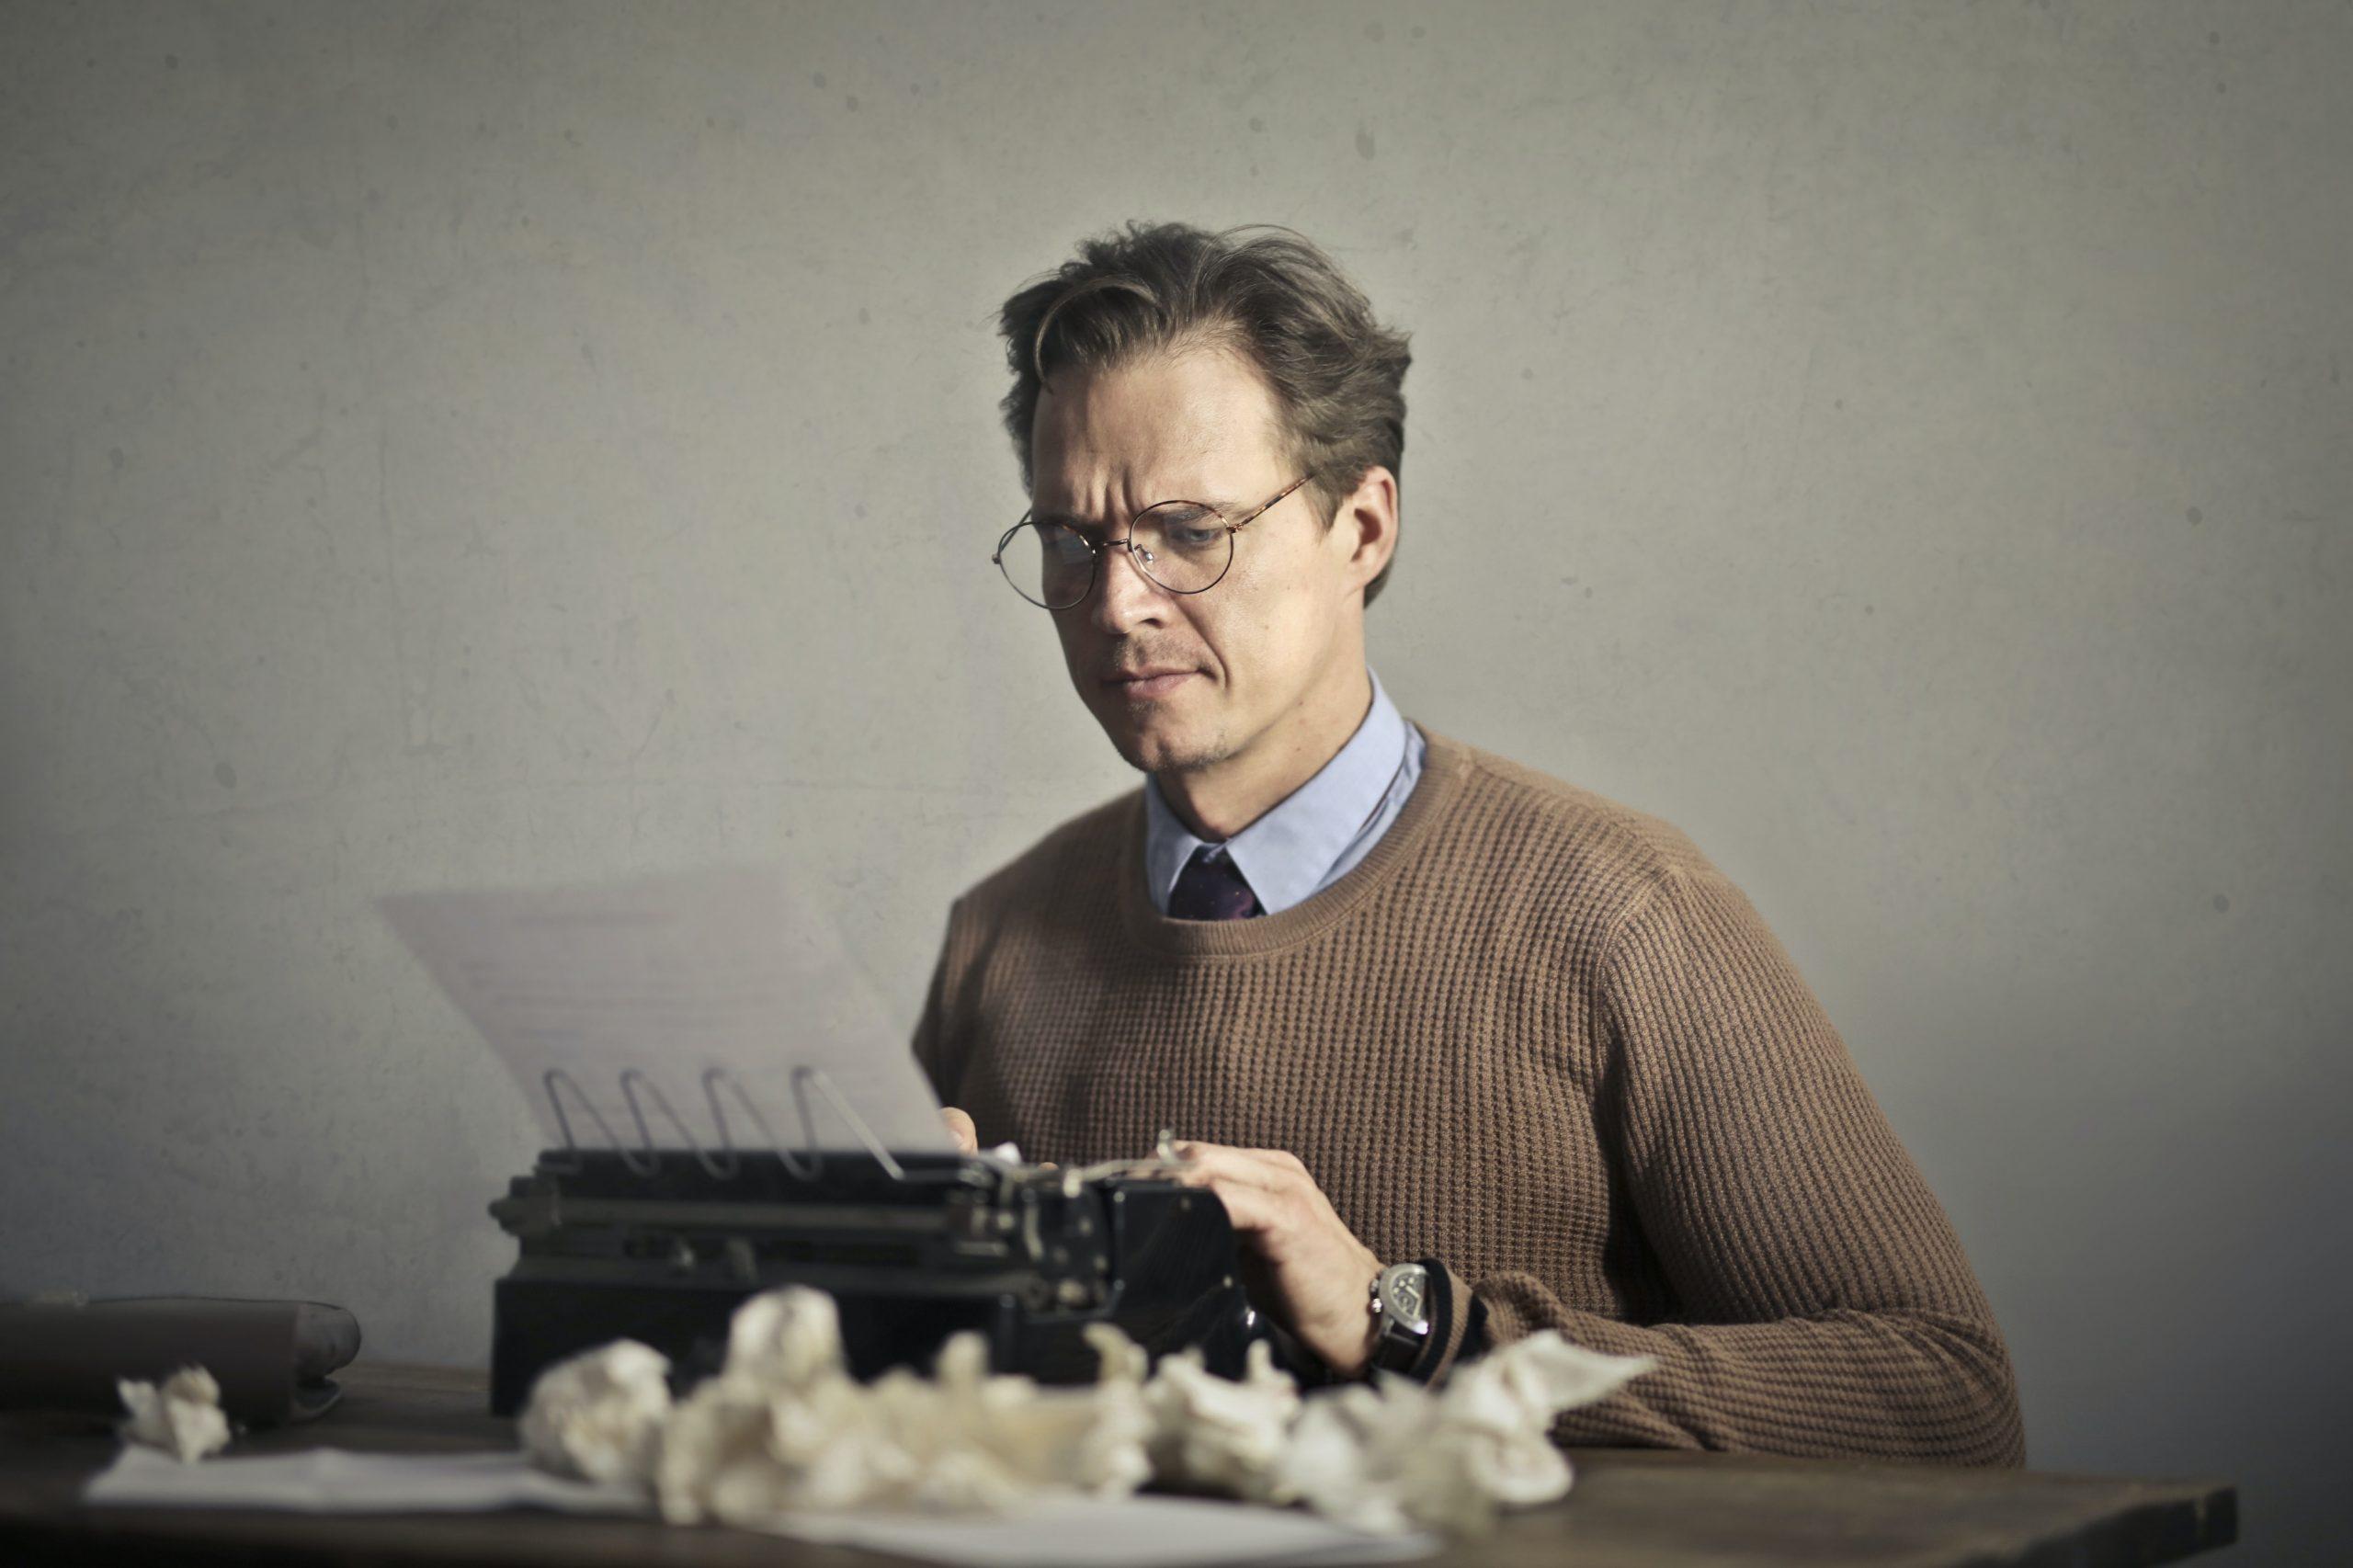 homme qui écrit